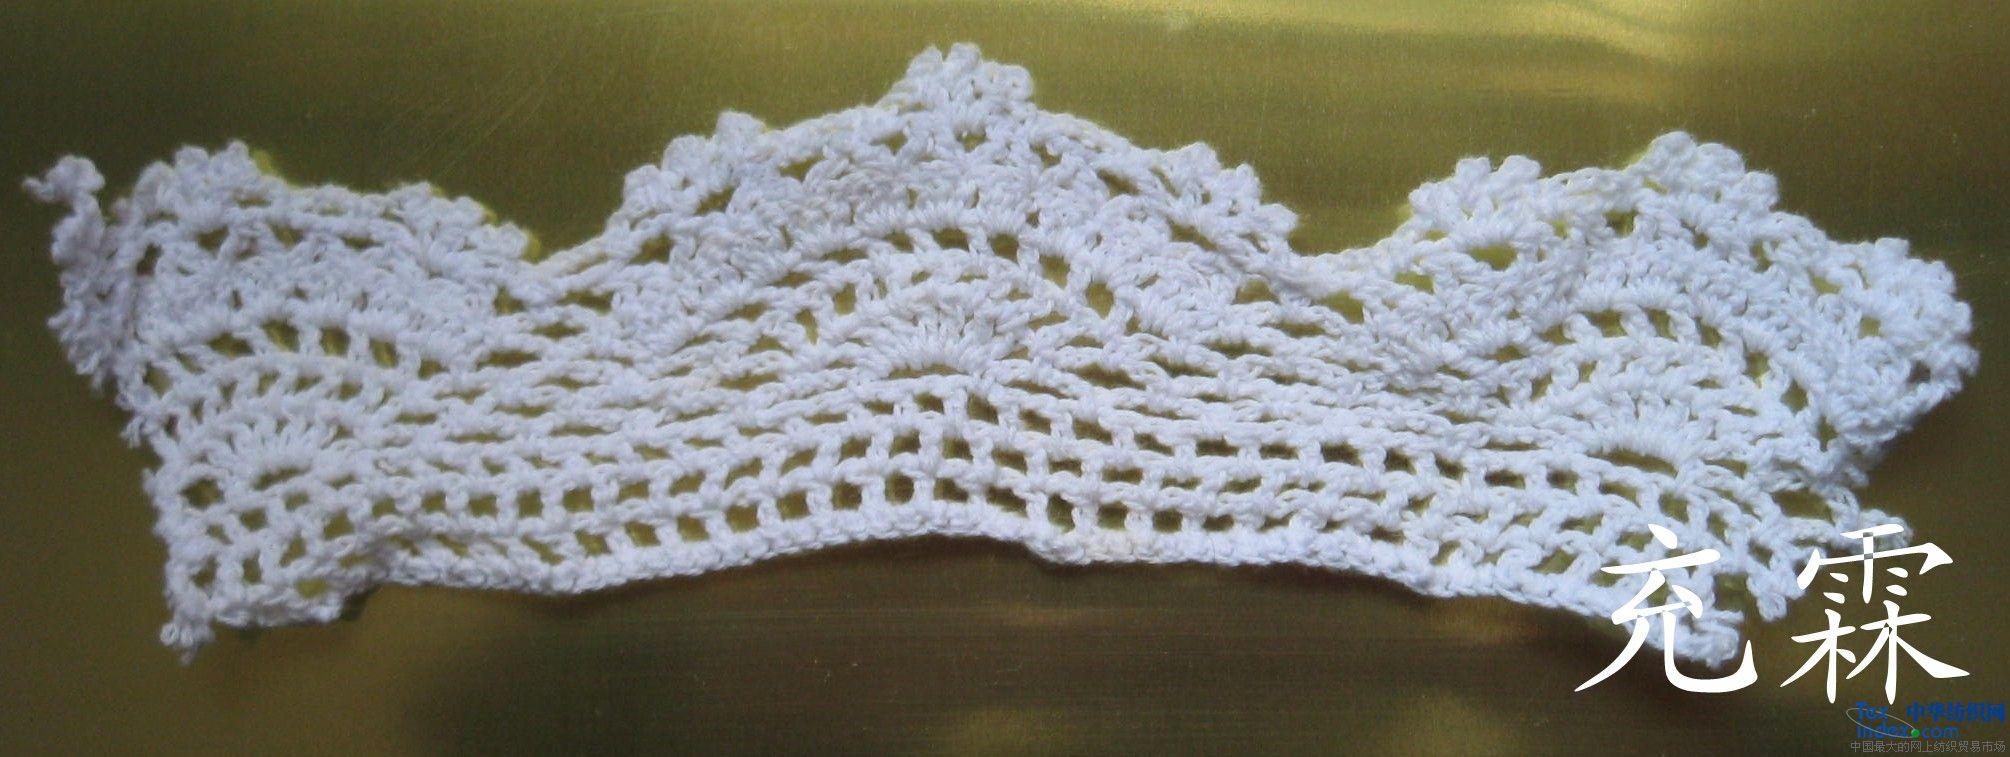 手钩花、唐装纽扣 - 供应信息 - 中华纺织网